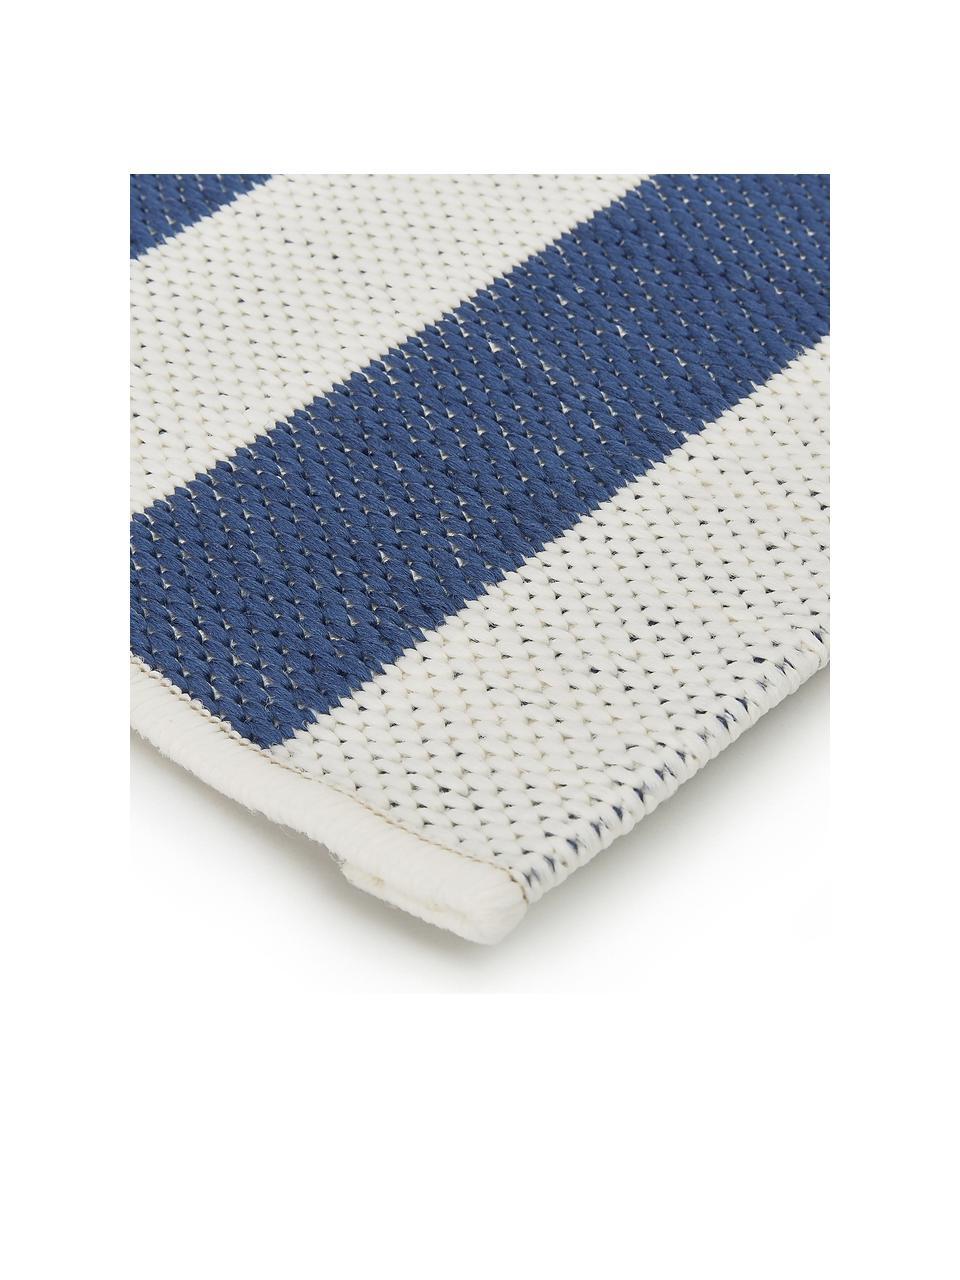 Gestreifter In- & Outdoor-Läufer Axa in Blau/Weiß, 86% Polypropylen, 14% Polyester, Cremeweiß, Blau, 80 x 250 cm